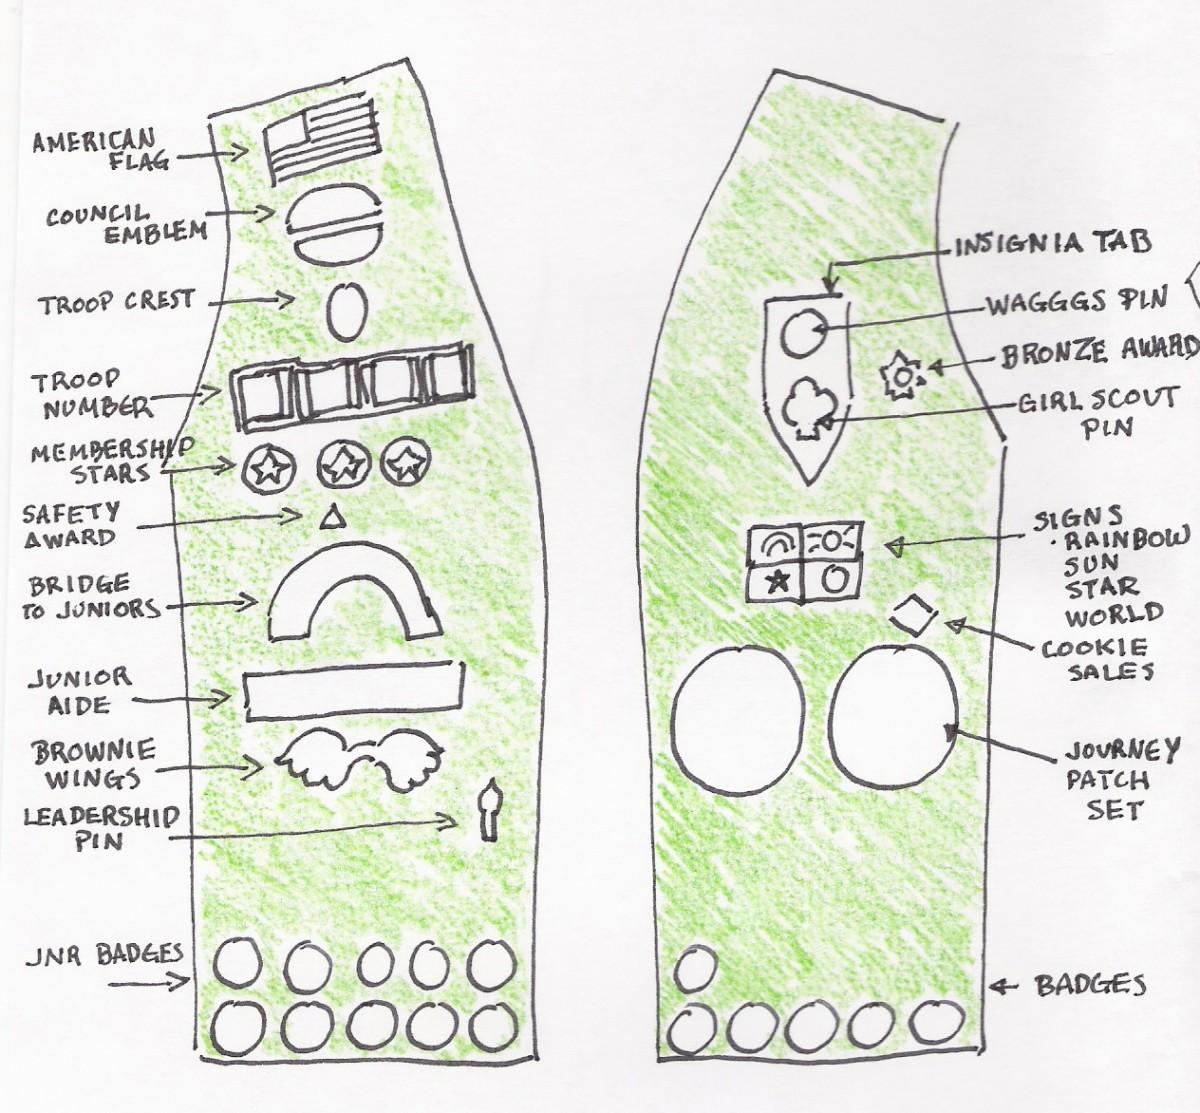 does bronze award patch go vest. Black Bedroom Furniture Sets. Home Design Ideas